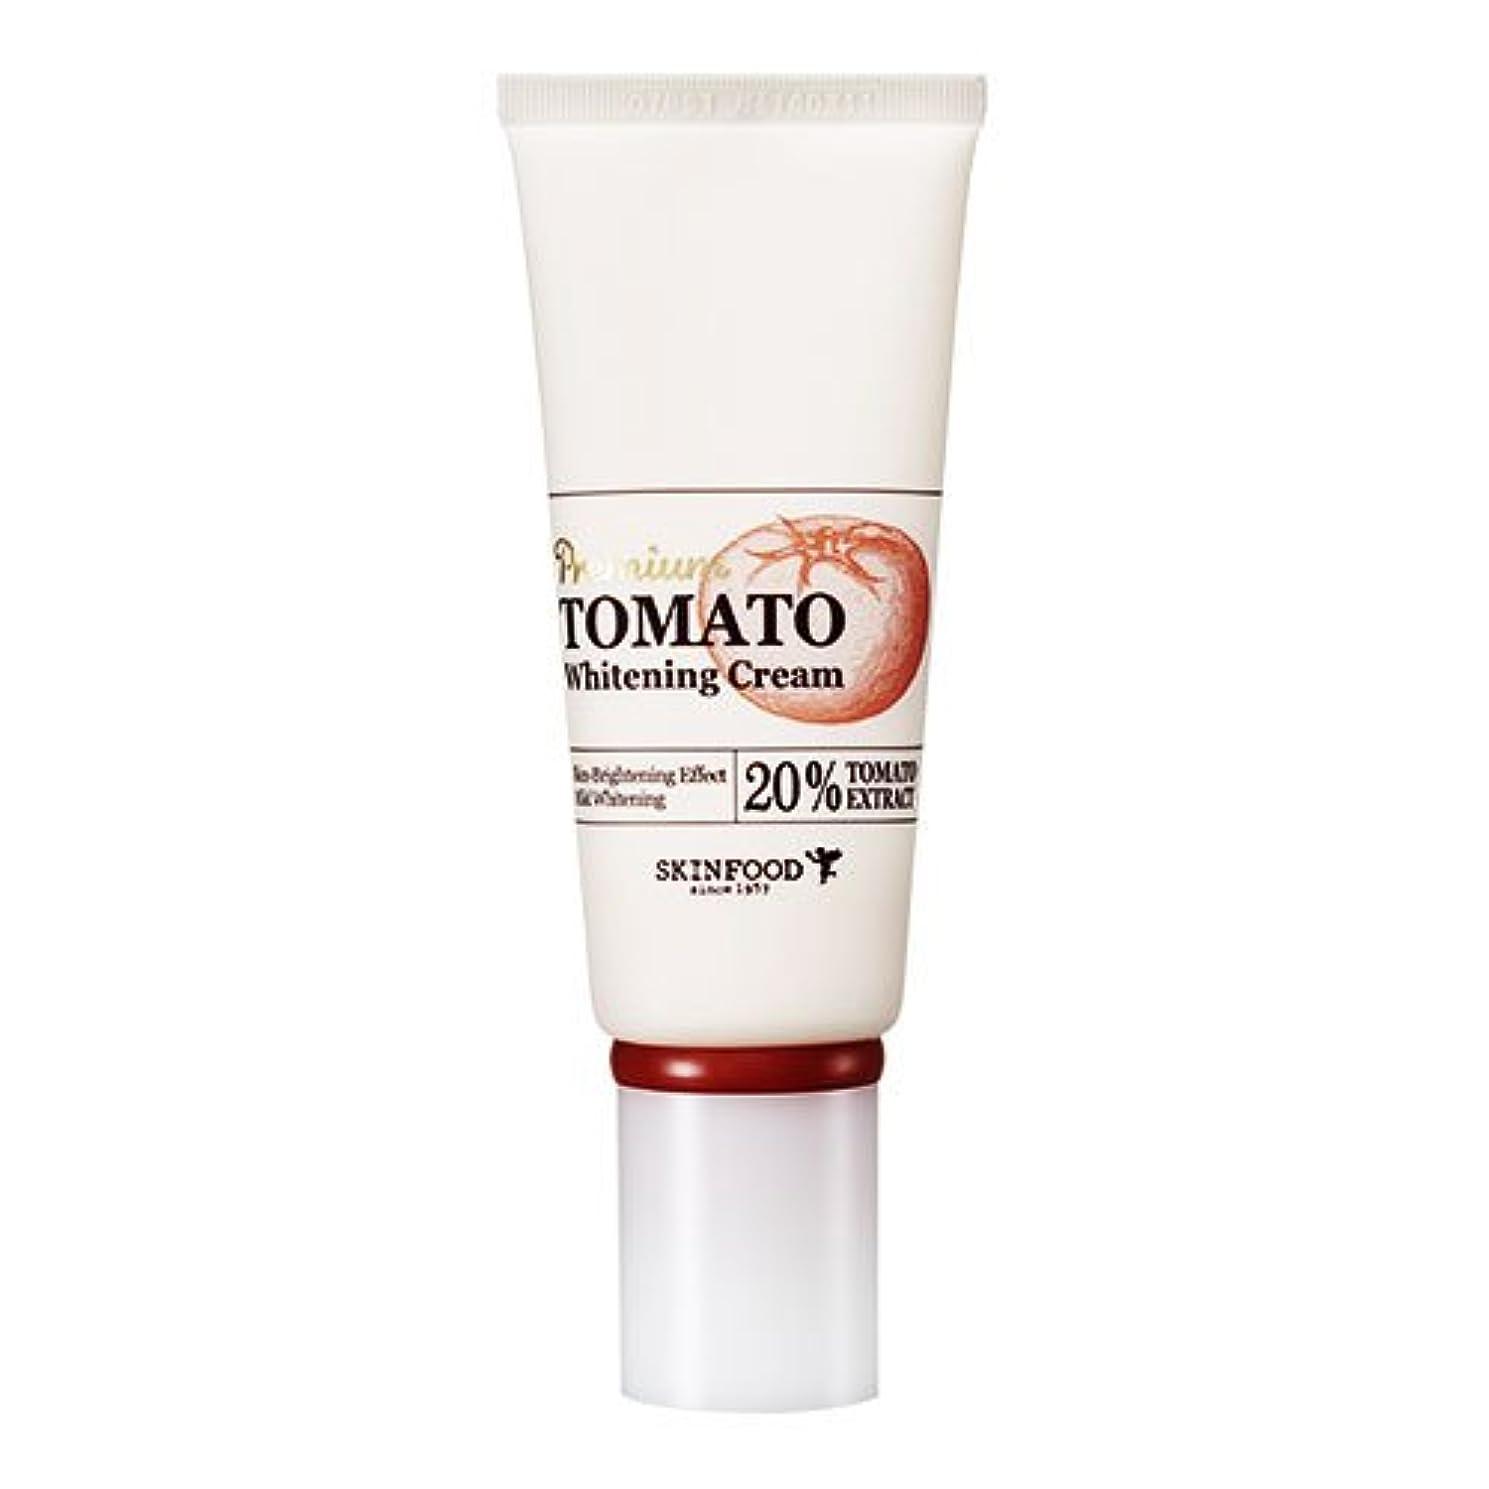 用心深い主人悲しみSkinfood プレミアムトマトホワイトニングクリーム(美白効果) / Premium Tomato Whitening Cream (Skin-Brightening Effect) 50g [並行輸入品]